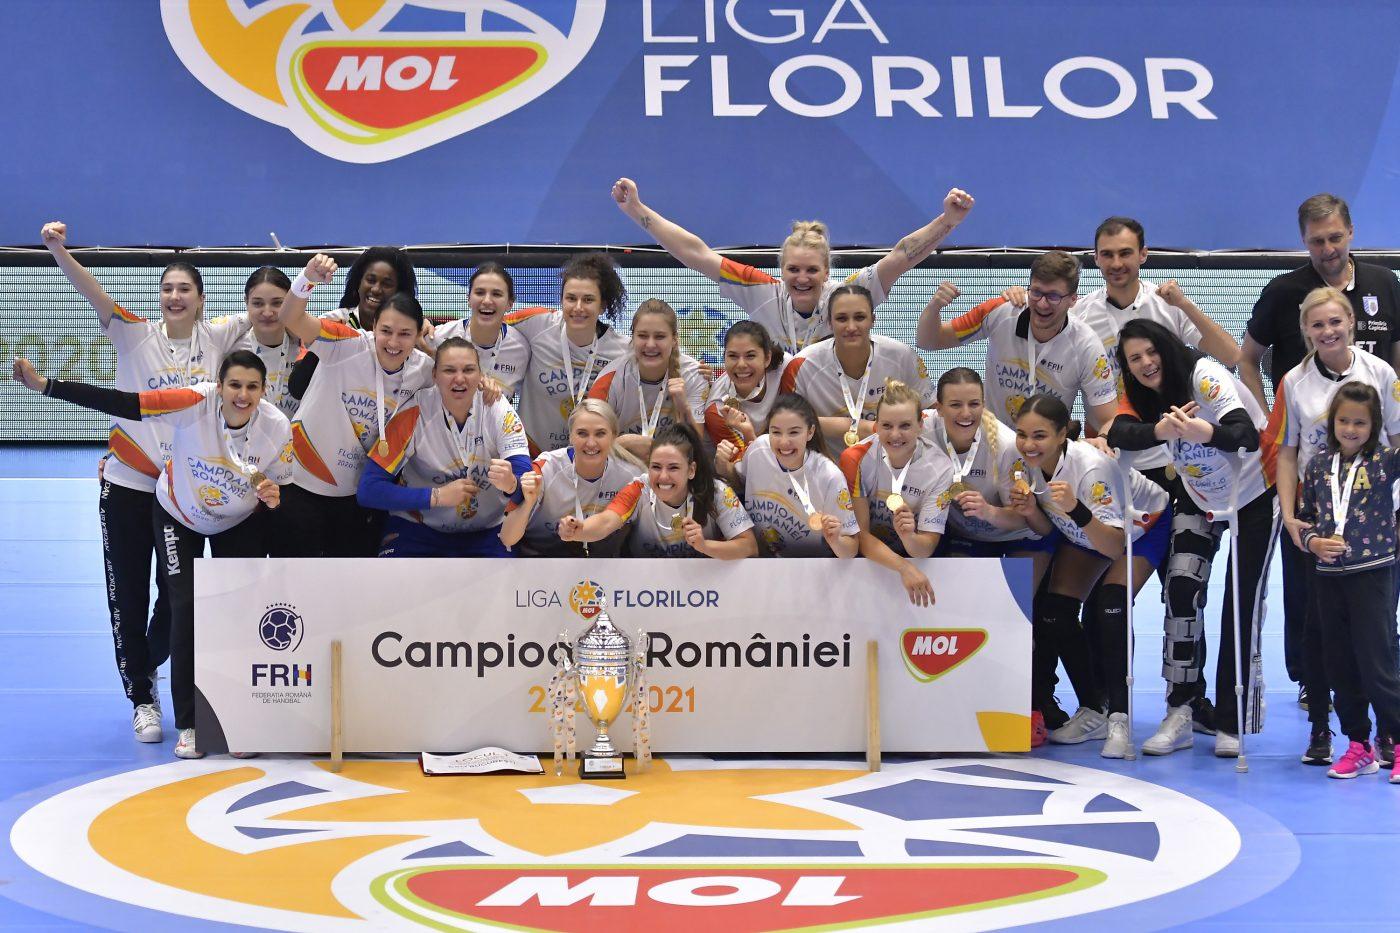 Programul viitoarei ediții în Liga Națională la handbal feminin! Vor fi derby-uri în fiecare etapă. Cele mai tari meciuri din debutul întrecerii